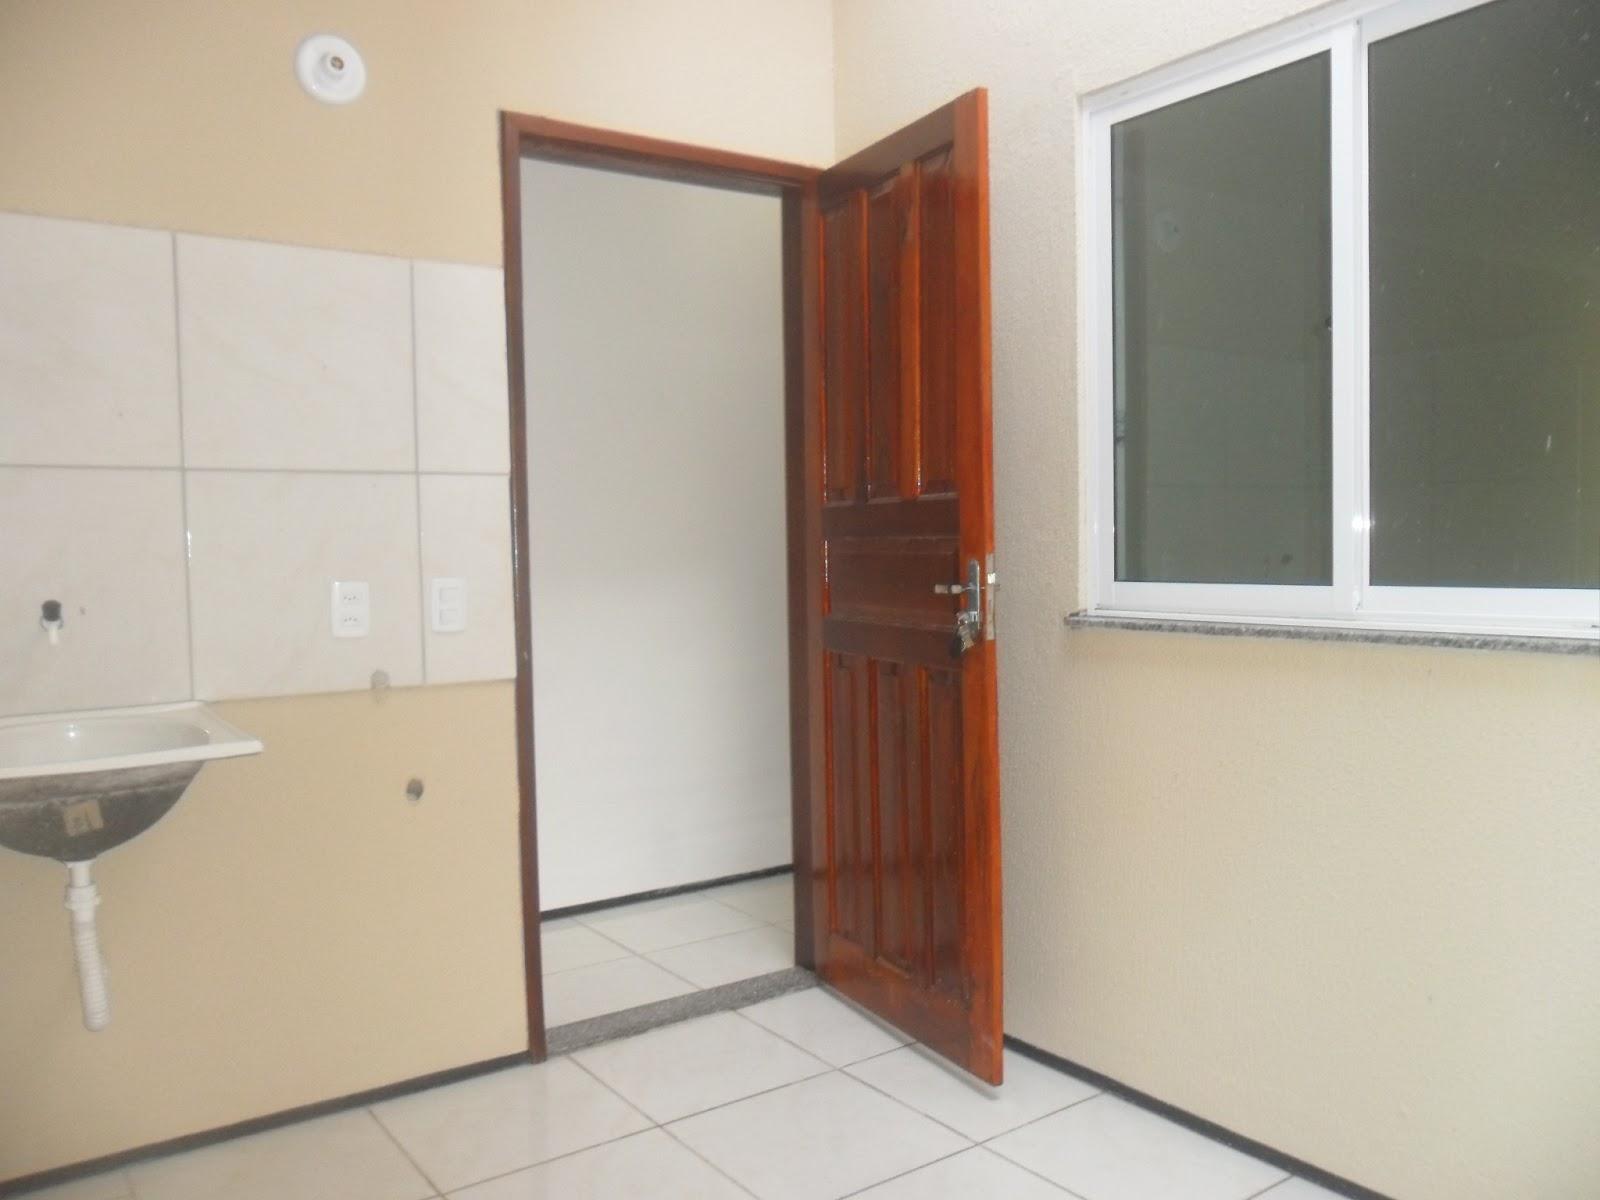 sendo 1 suite banheiro social sala e cozinha (estilo americano  #A84A23 1600x1200 Banheiro Americano